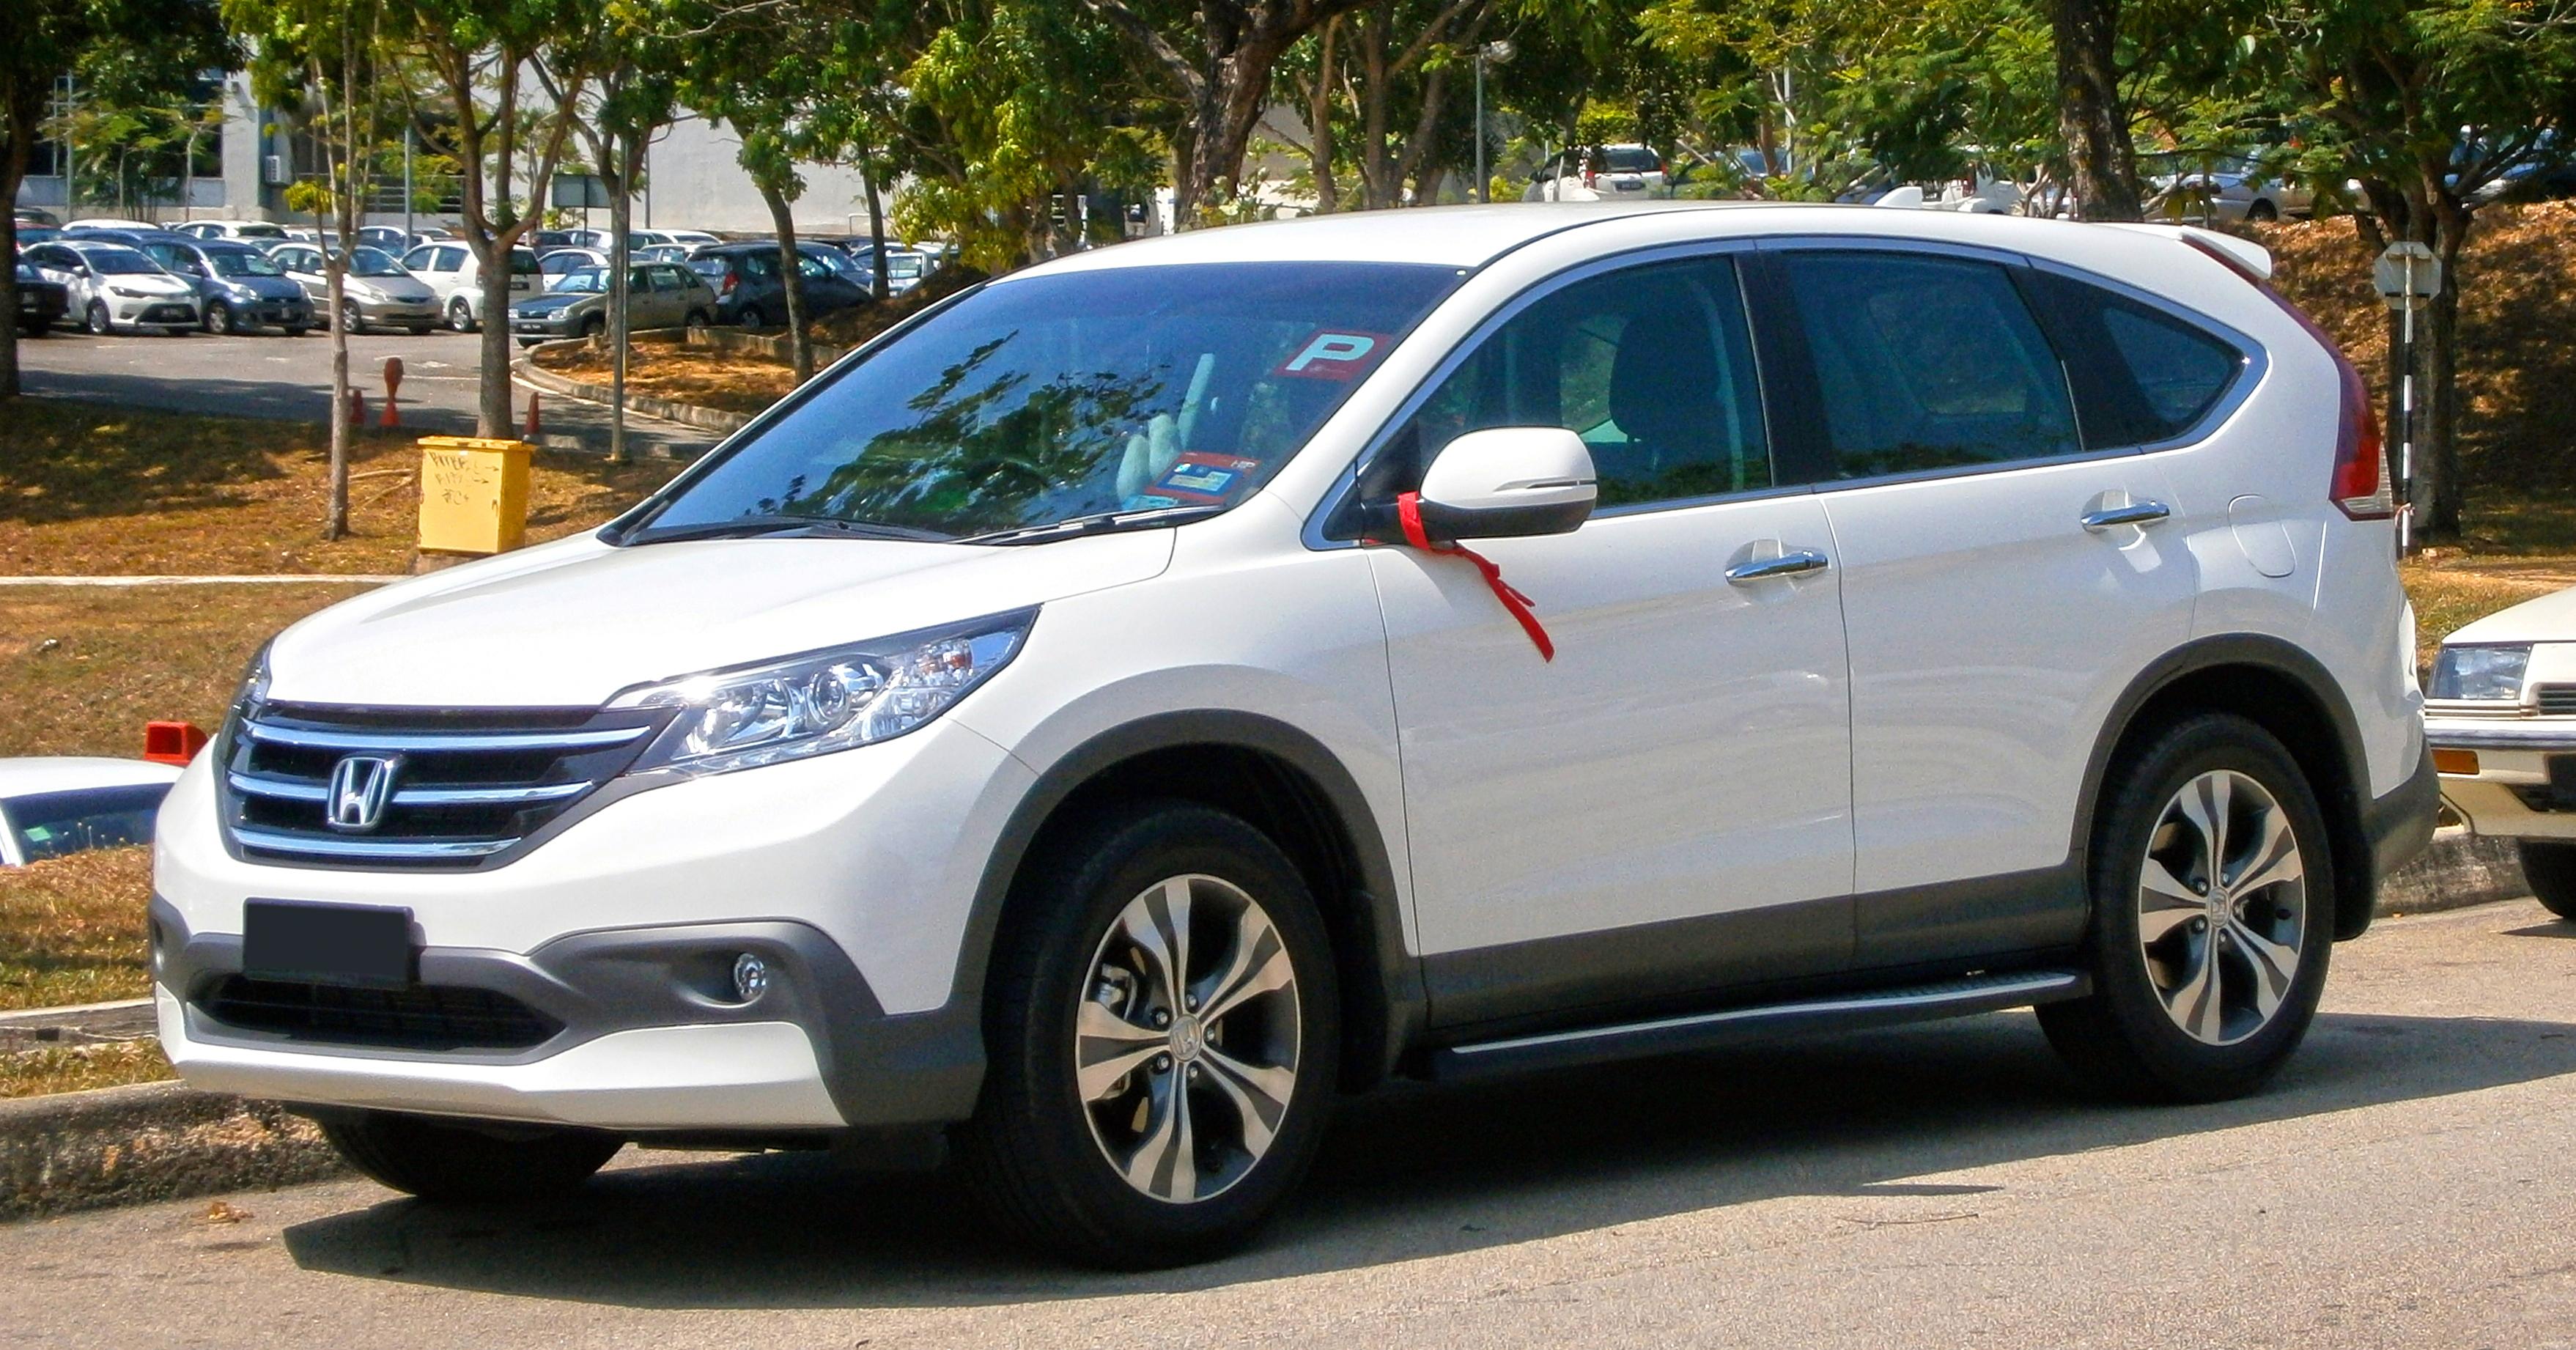 2015 honda cr v modulo rear three quarter at the 2014 thailand international motor expo 1024x677 jpg 1024 677 honda cr v pinterest honda cr and